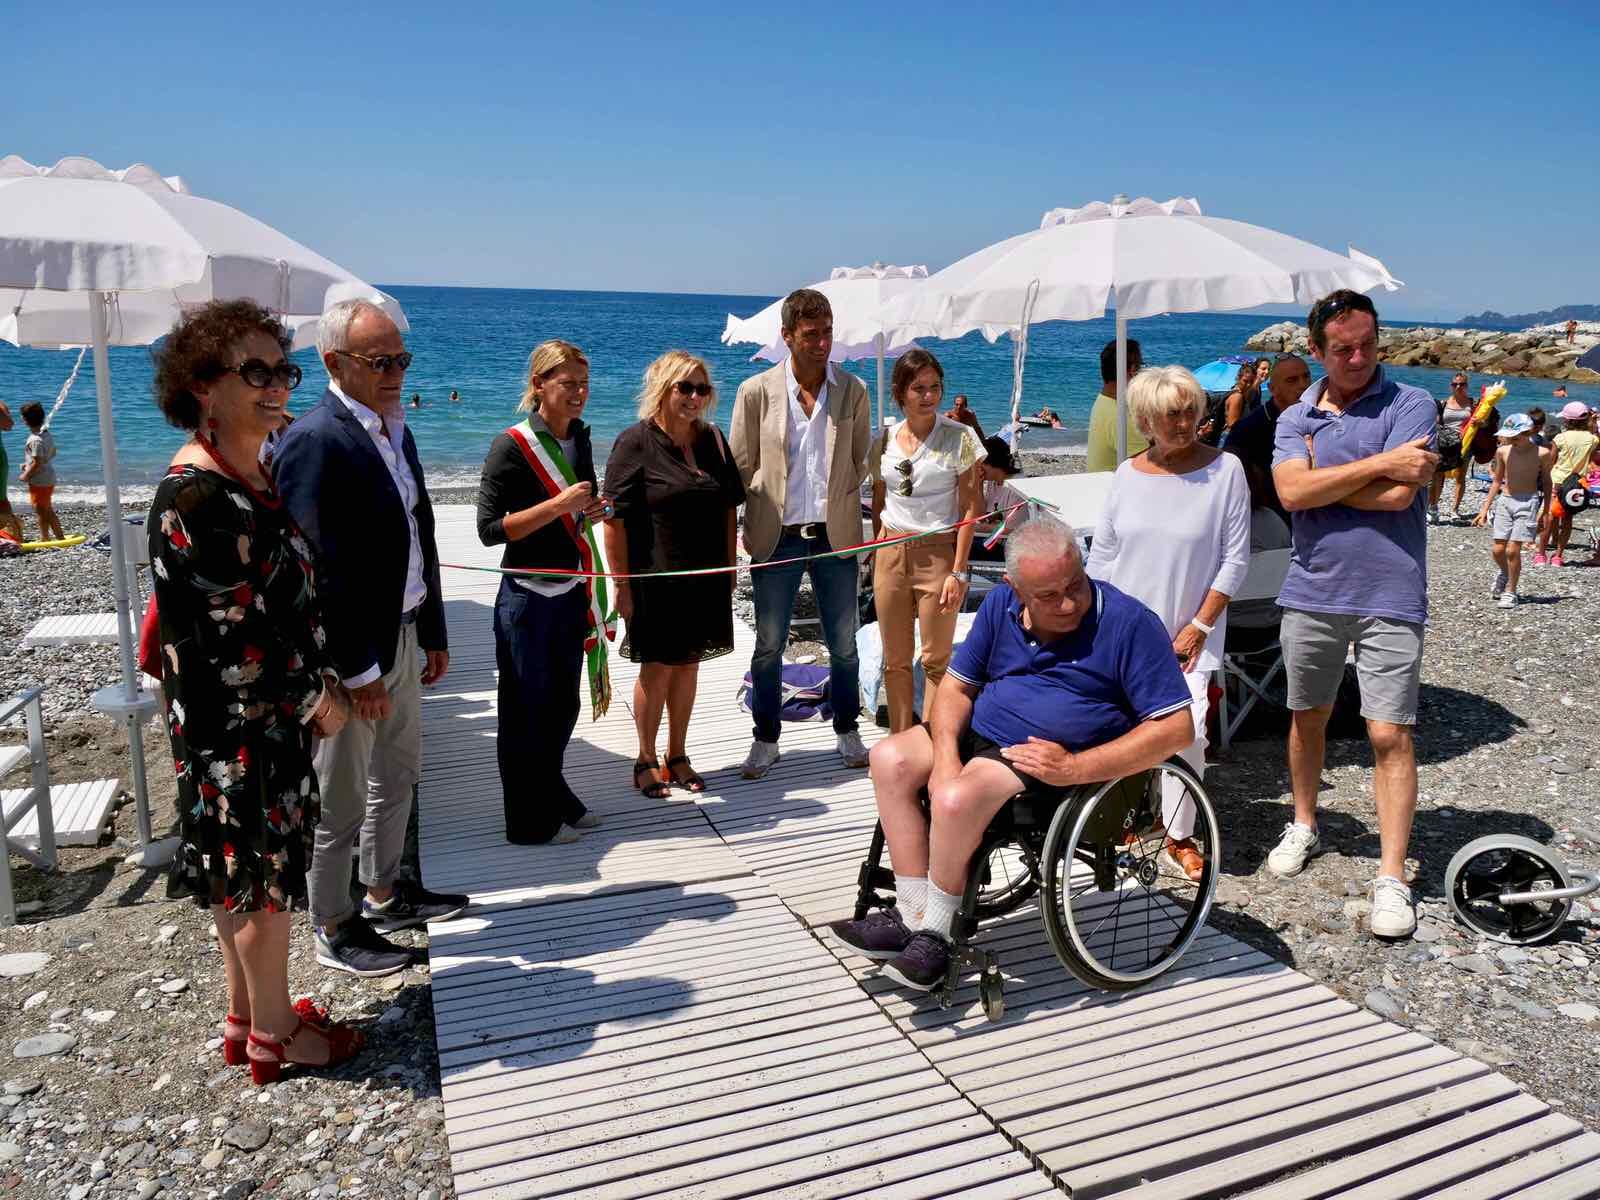 Inaugurazione spiaggia attrezzata di Lavagna per persone disabili 2019.07.16 - 2